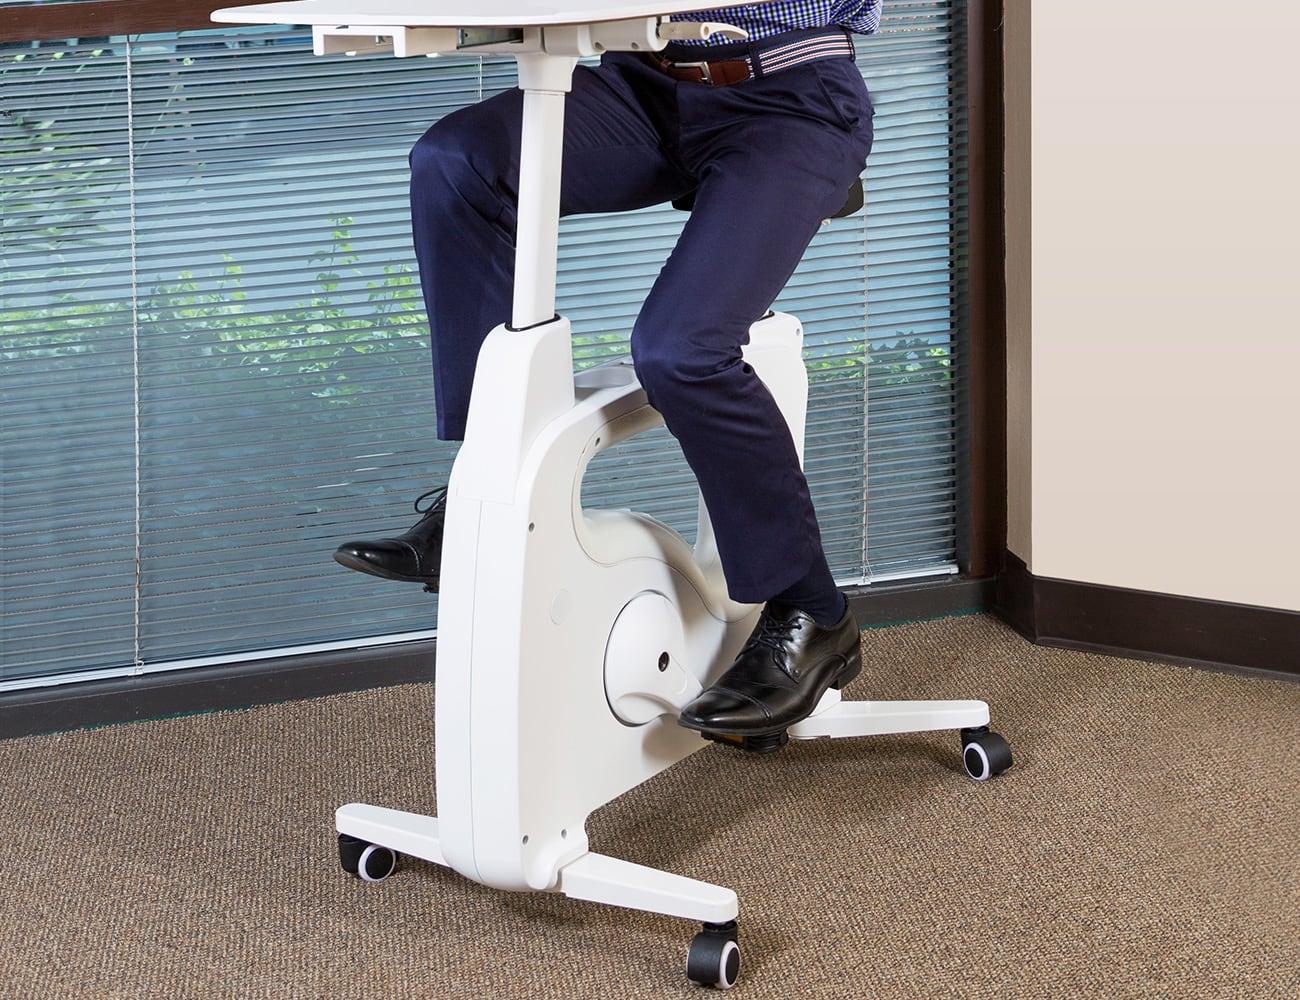 FlexiSpot Deskcise Pro Cycle Desk